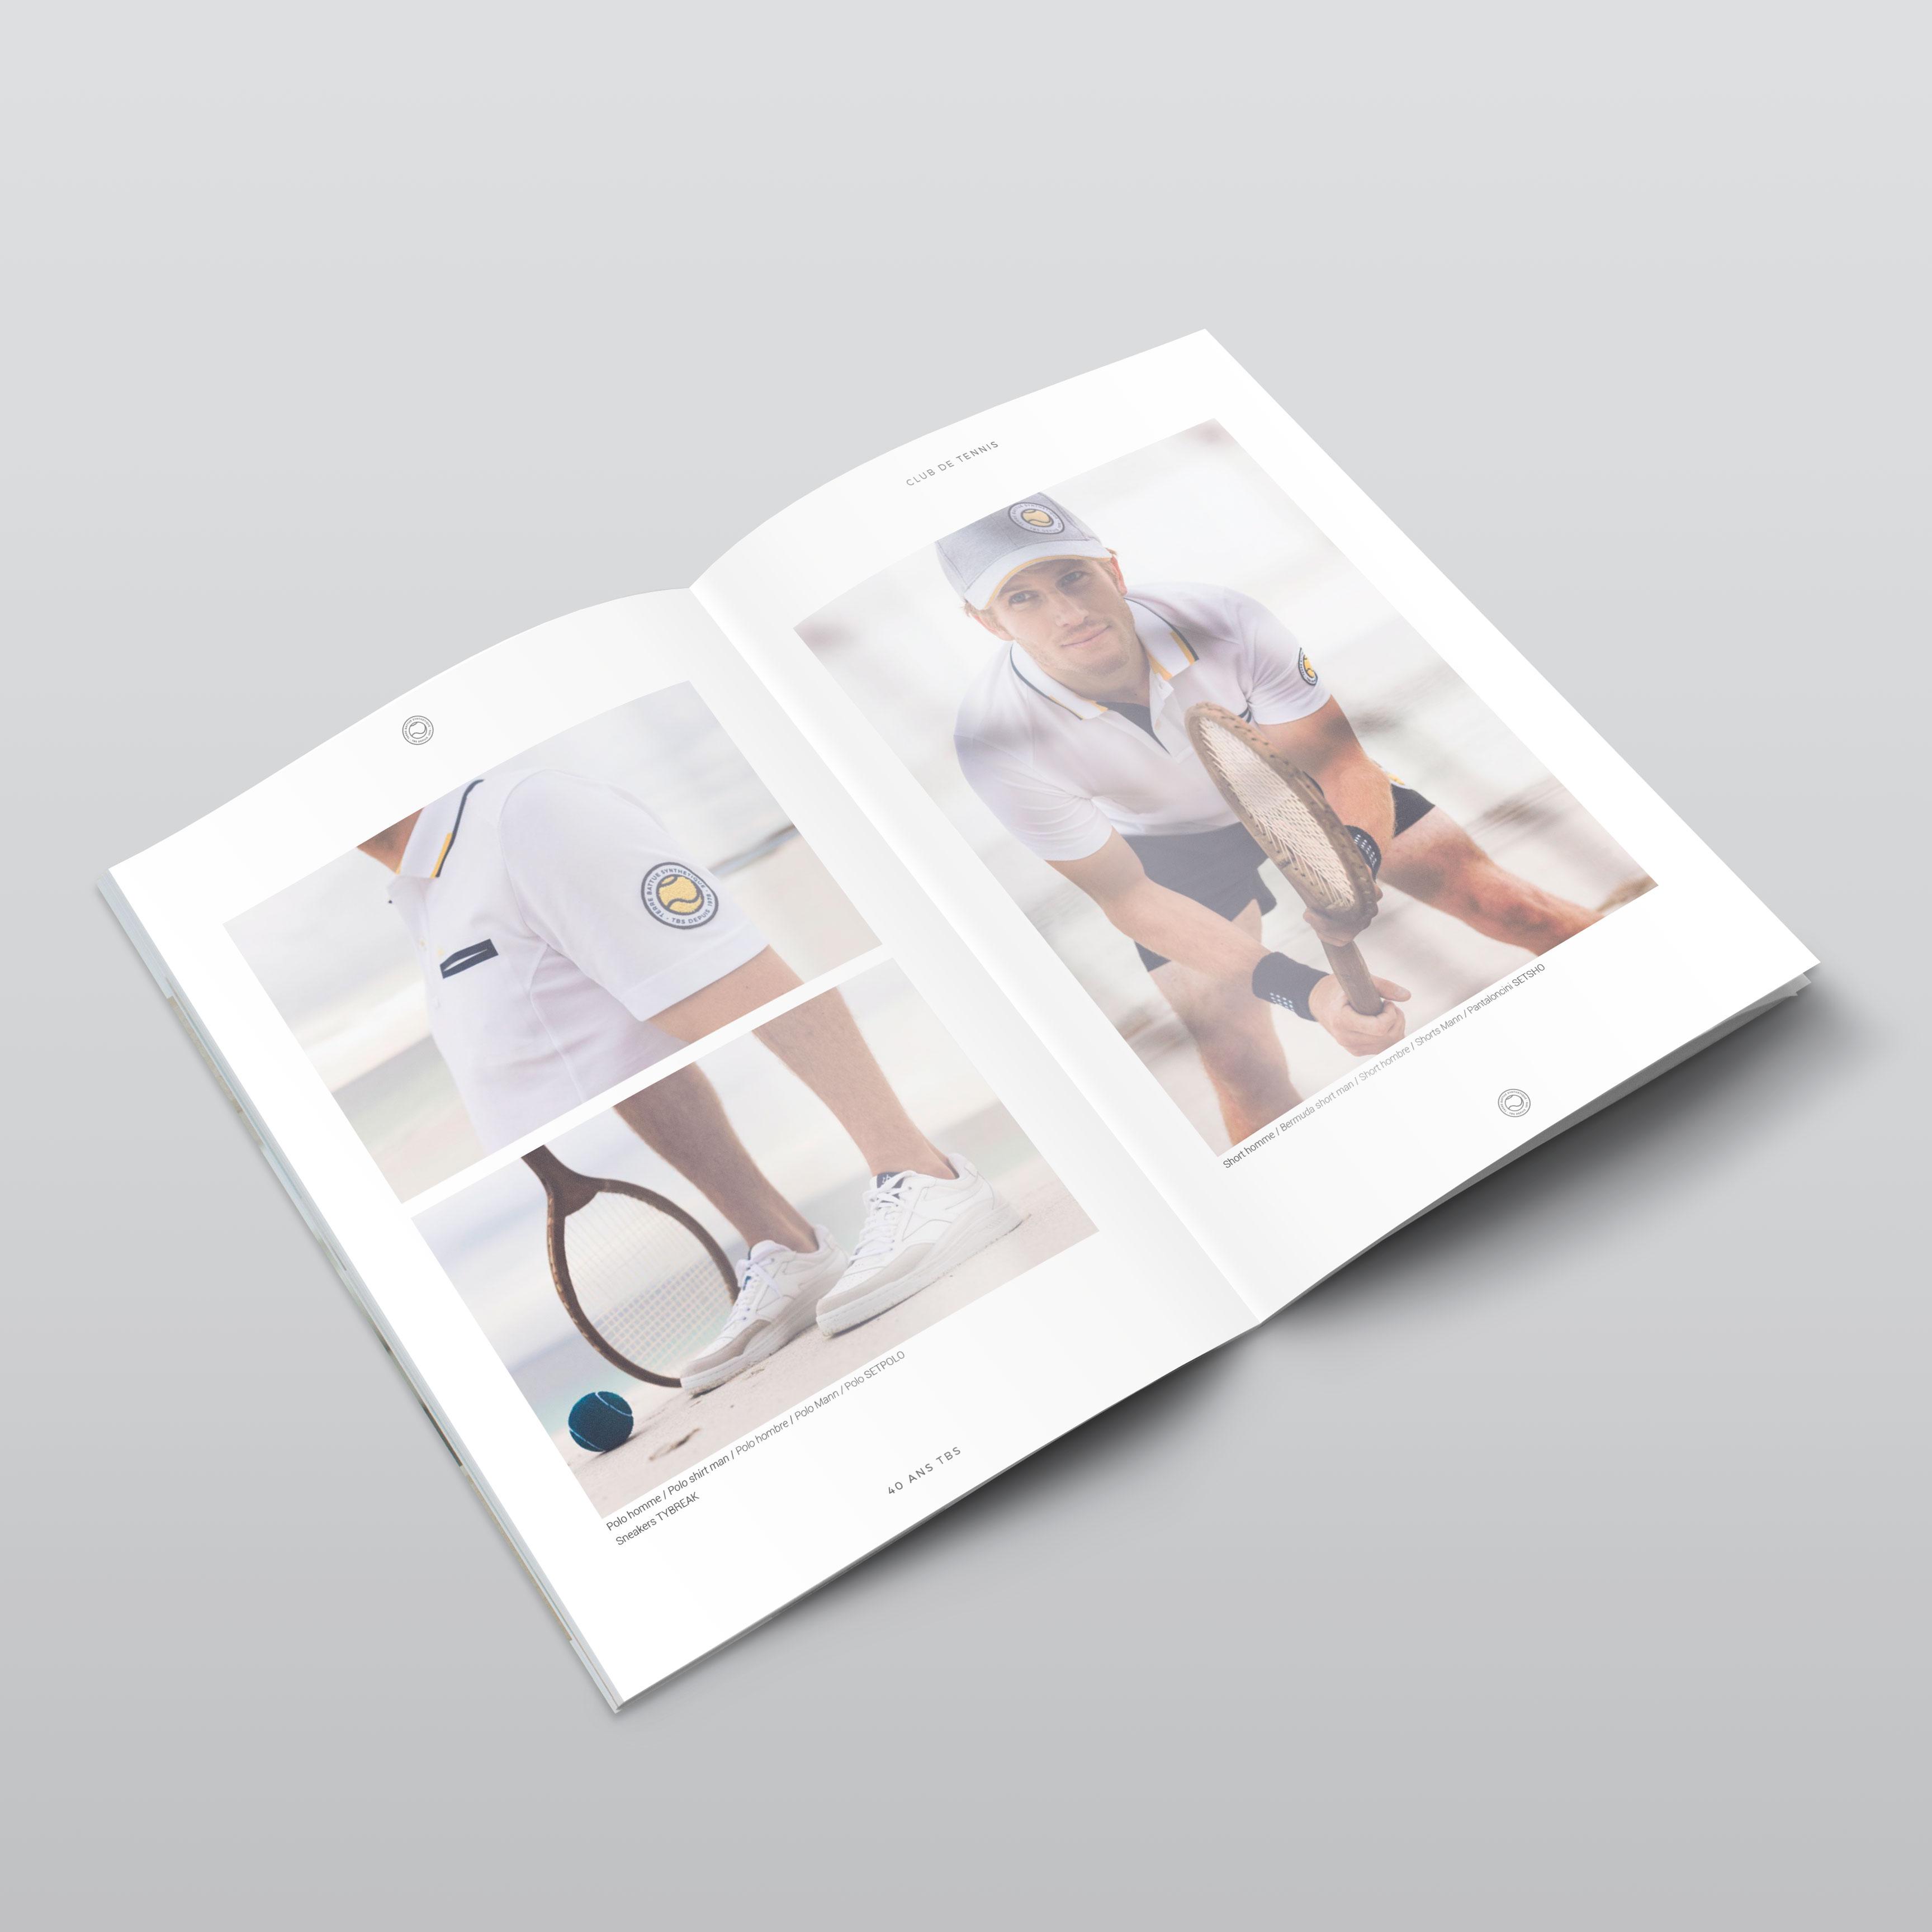 isometric-magazine-mockup